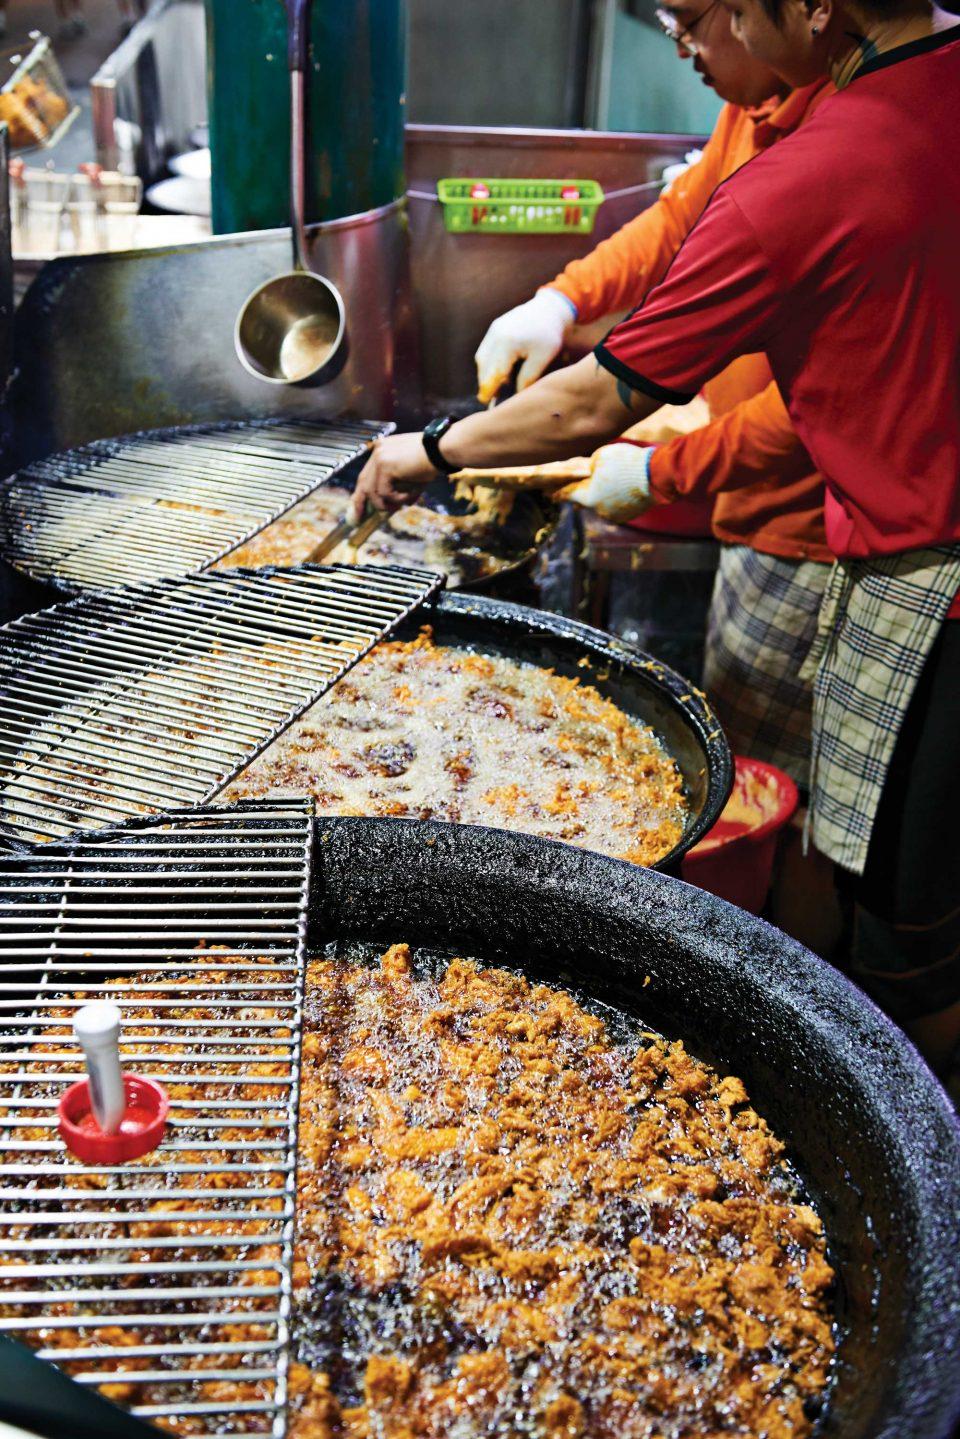 신포국제시장에 들어서면 닭 튀기는 고소한 냄새가 물씬 난다. 커다란 가마솥에서 닭이 튀겨지는 모습.